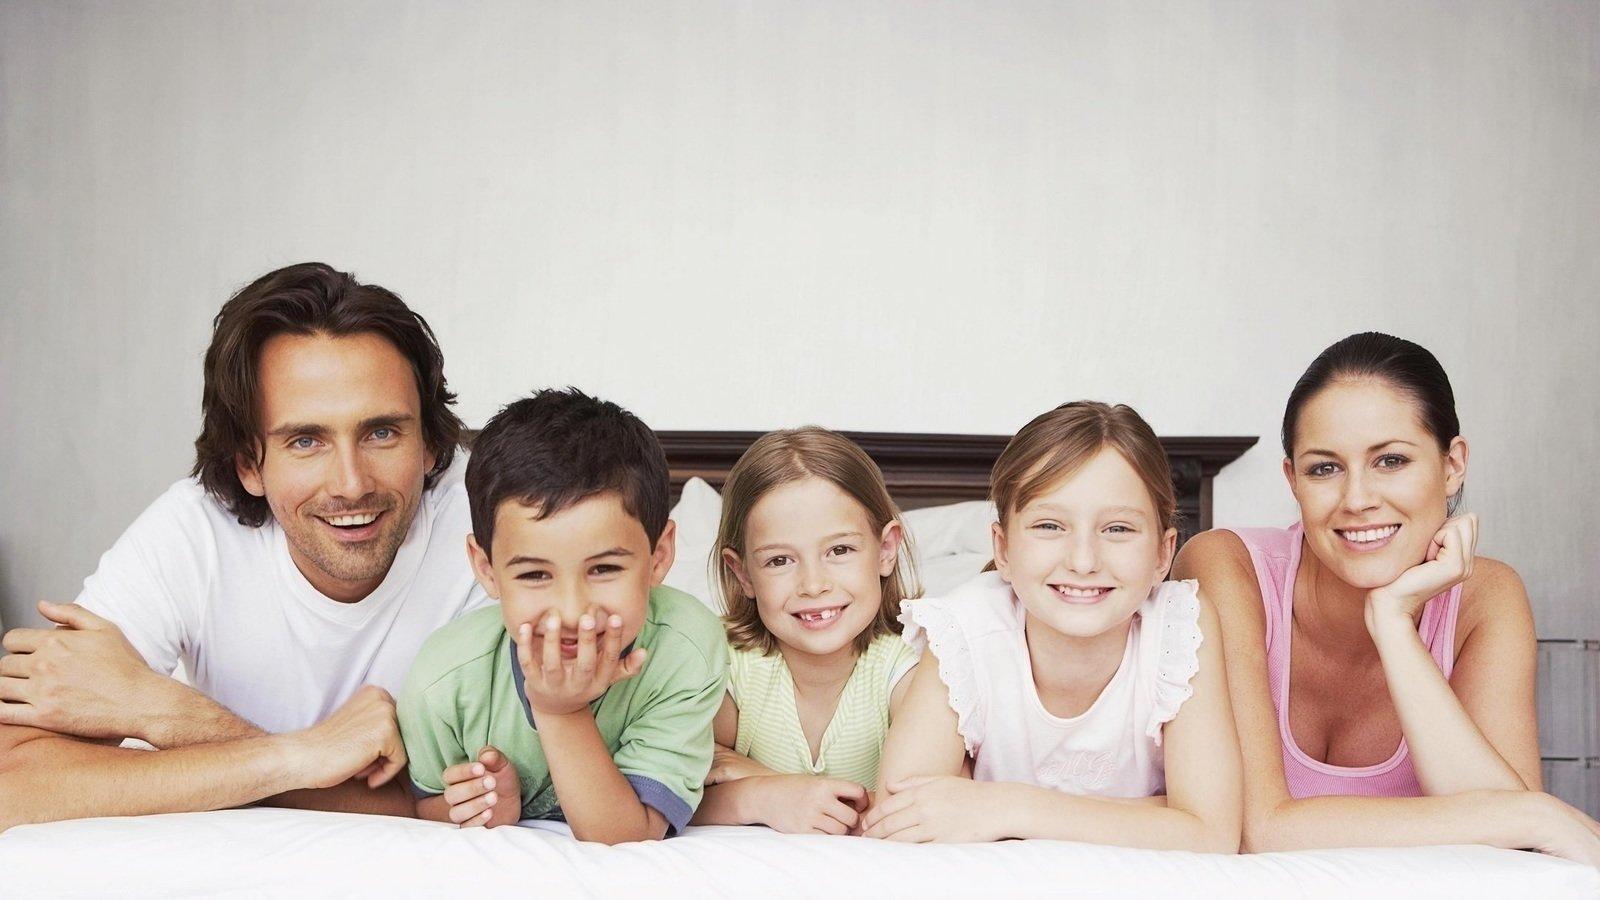 Детские открытки, картинки с тремя детьми